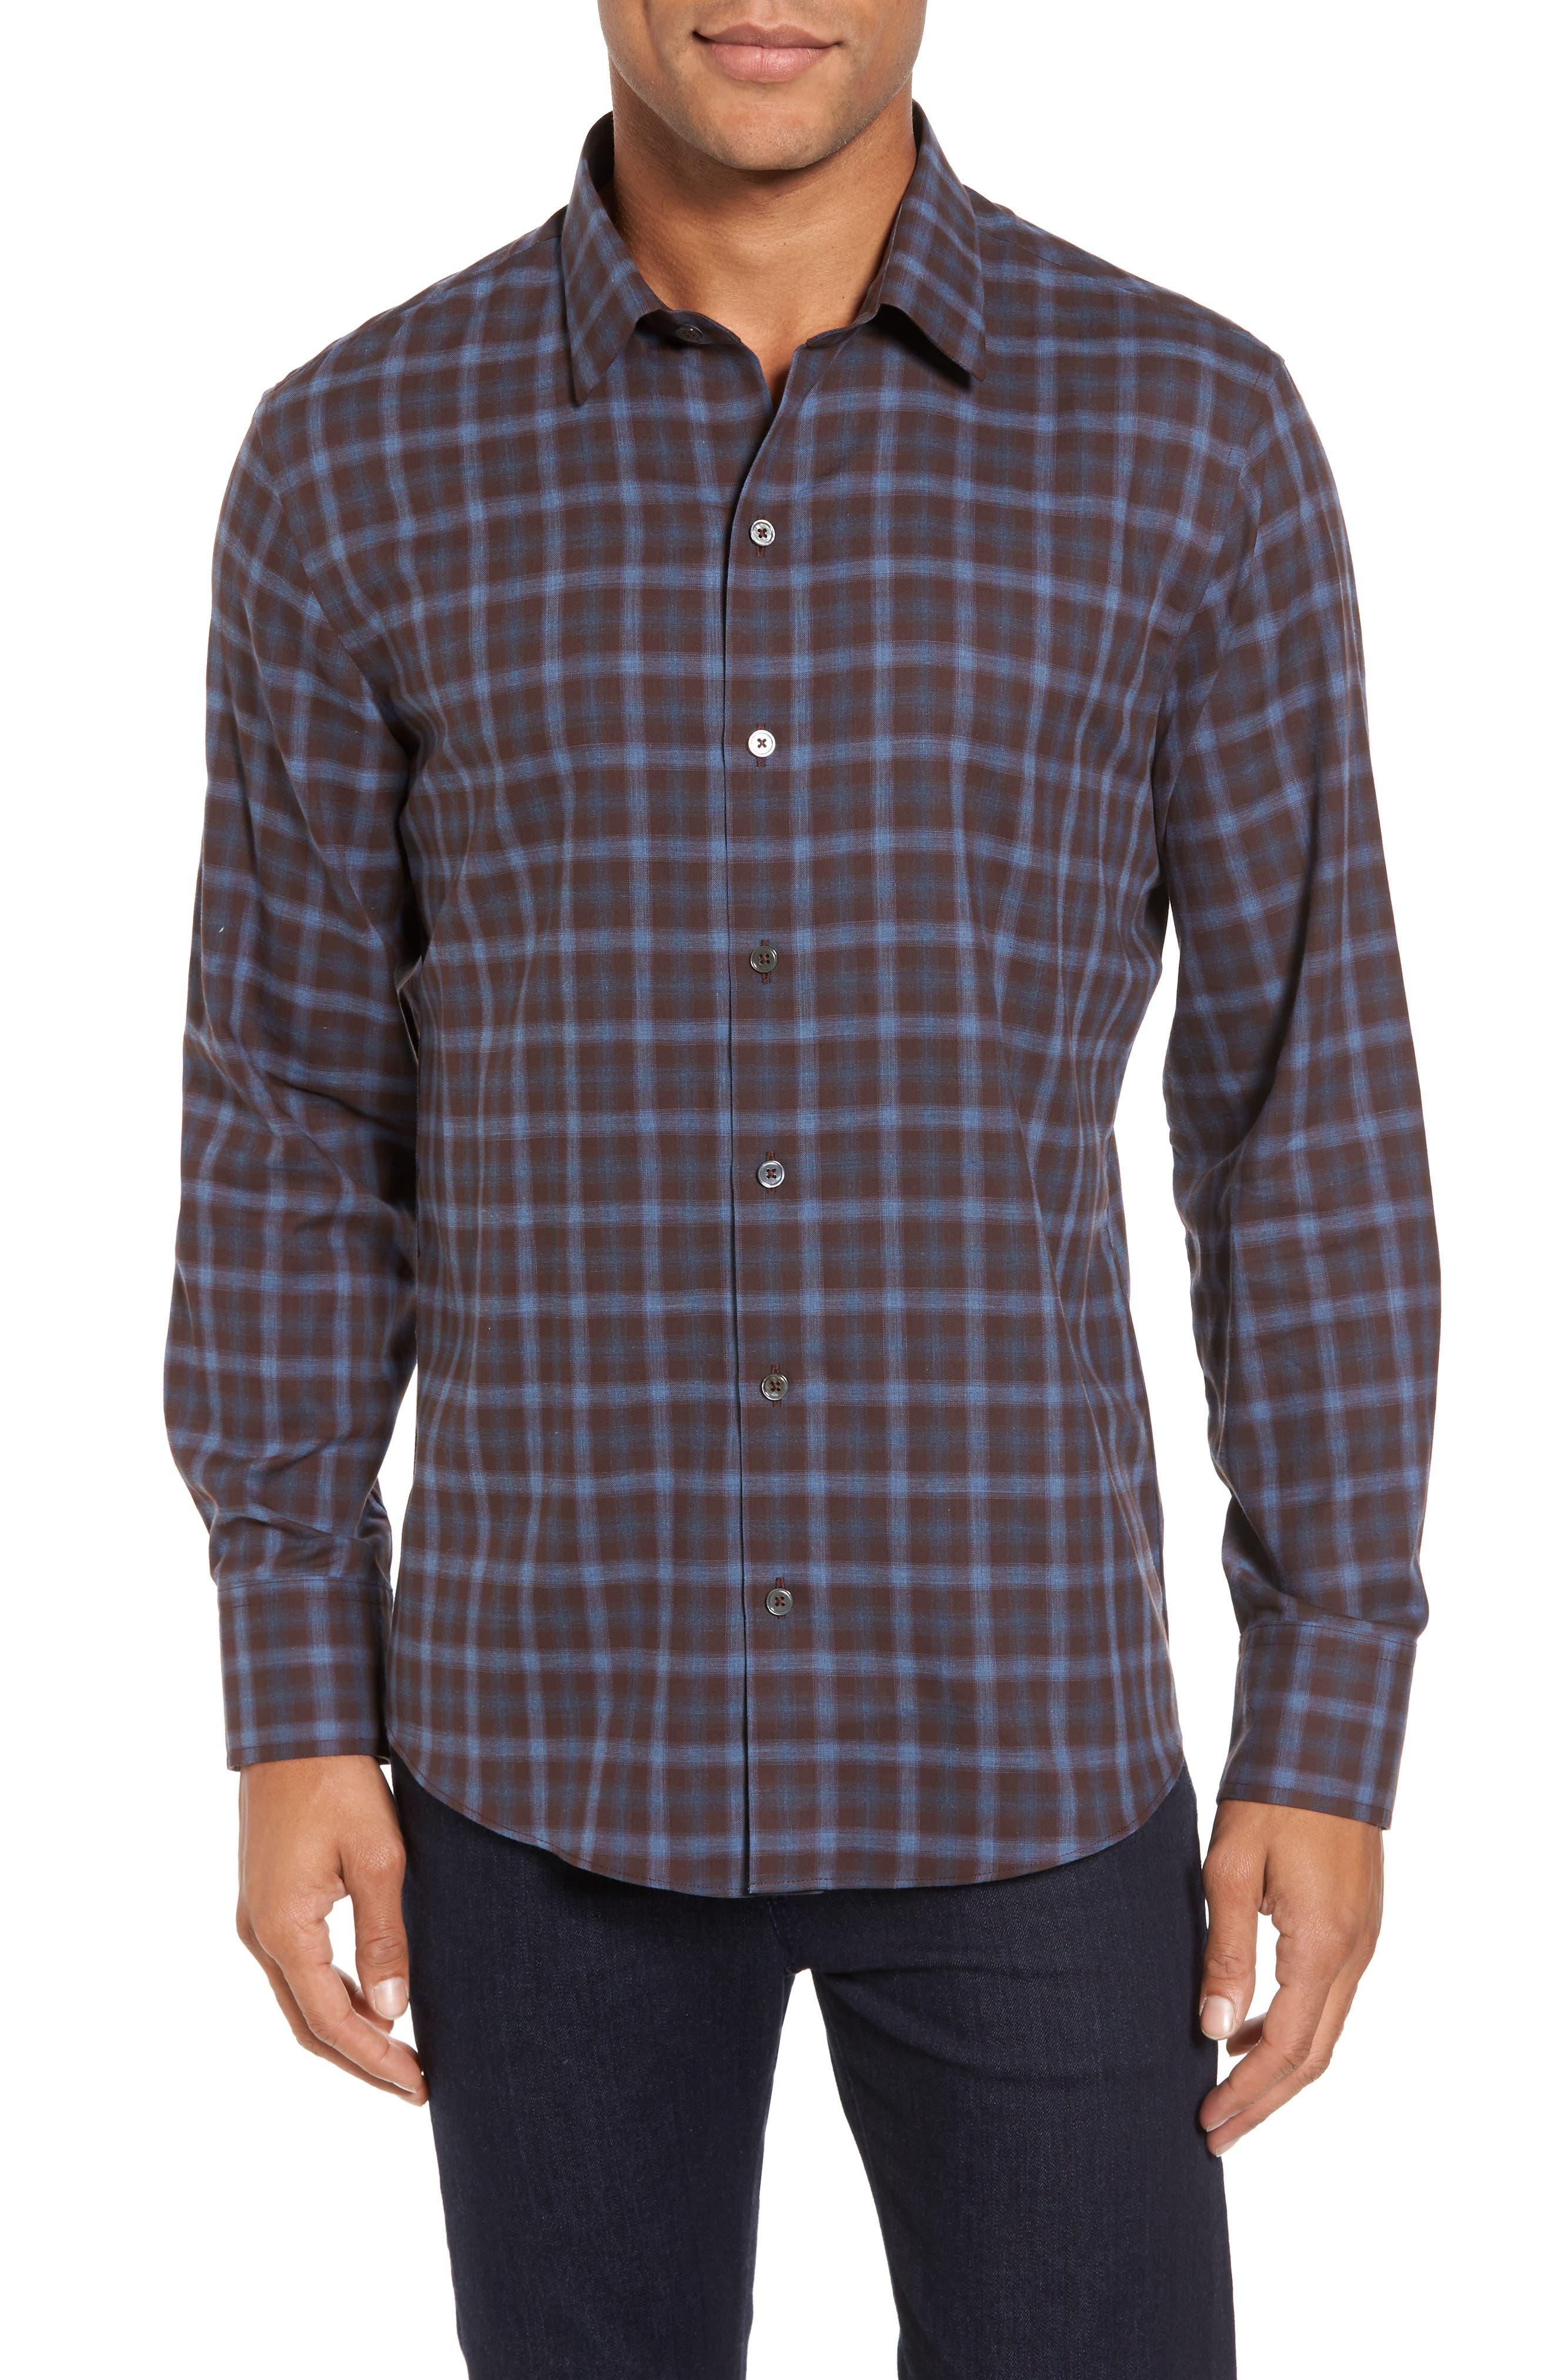 Fathollahi Slim Fit Plaid Sport Shirt,                         Main,                         color, 200